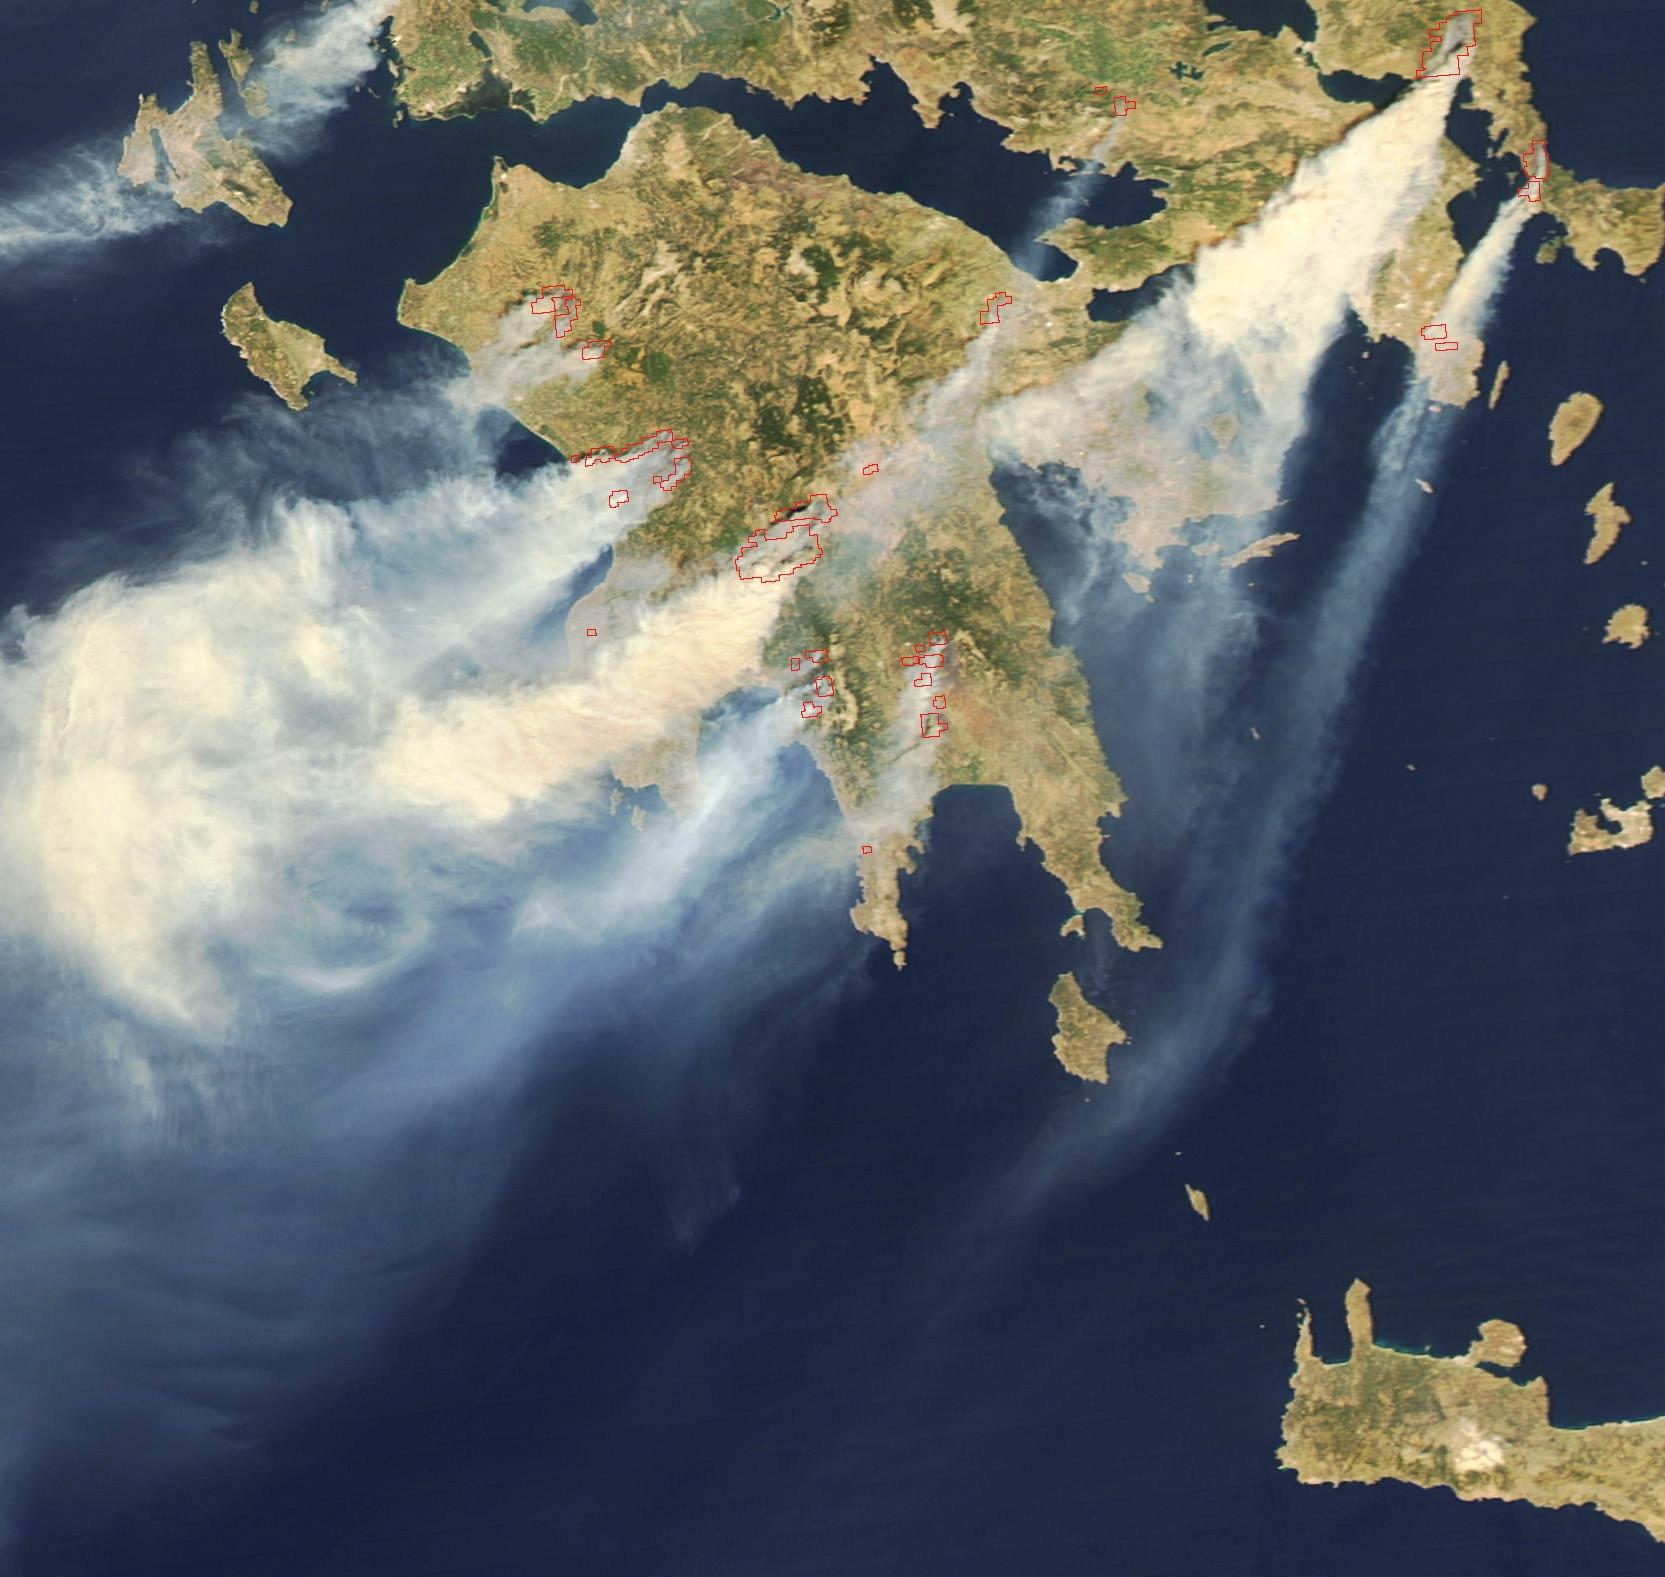 Schweden Waldbrände Karte.Waldbrände In Griechenland 2007 Wikipedia